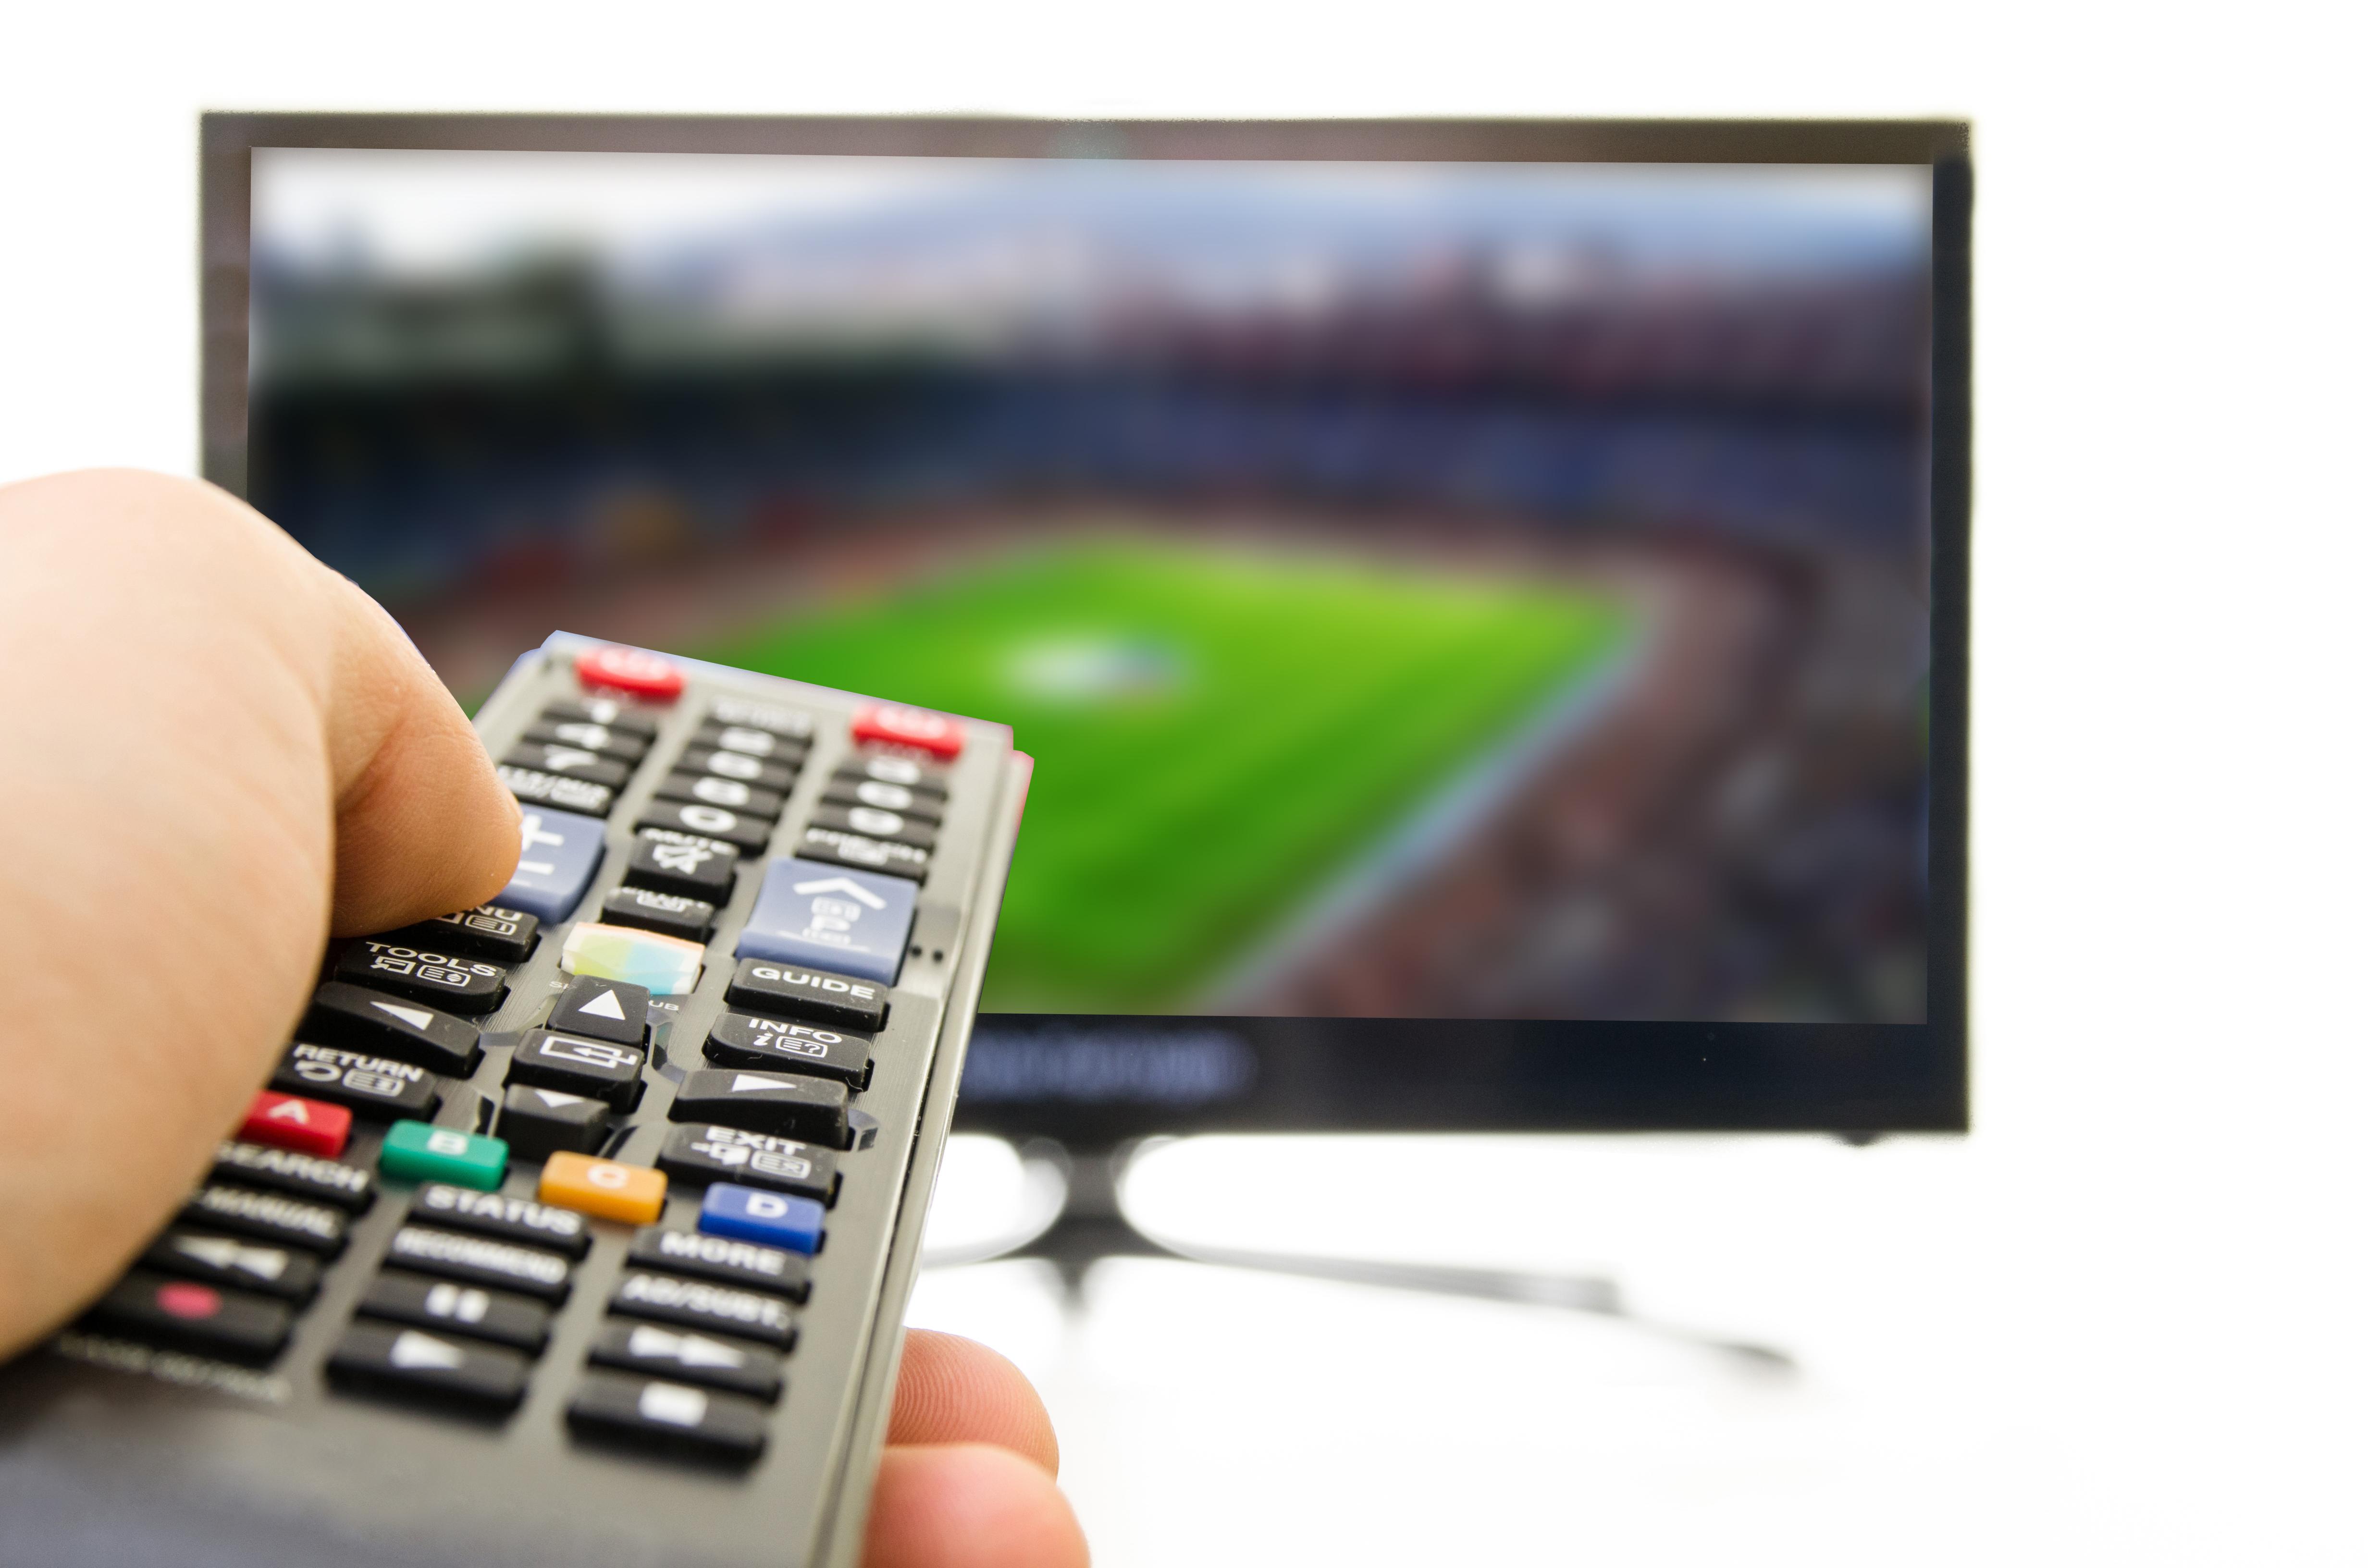 Controle remoto de televisão vendo futebol